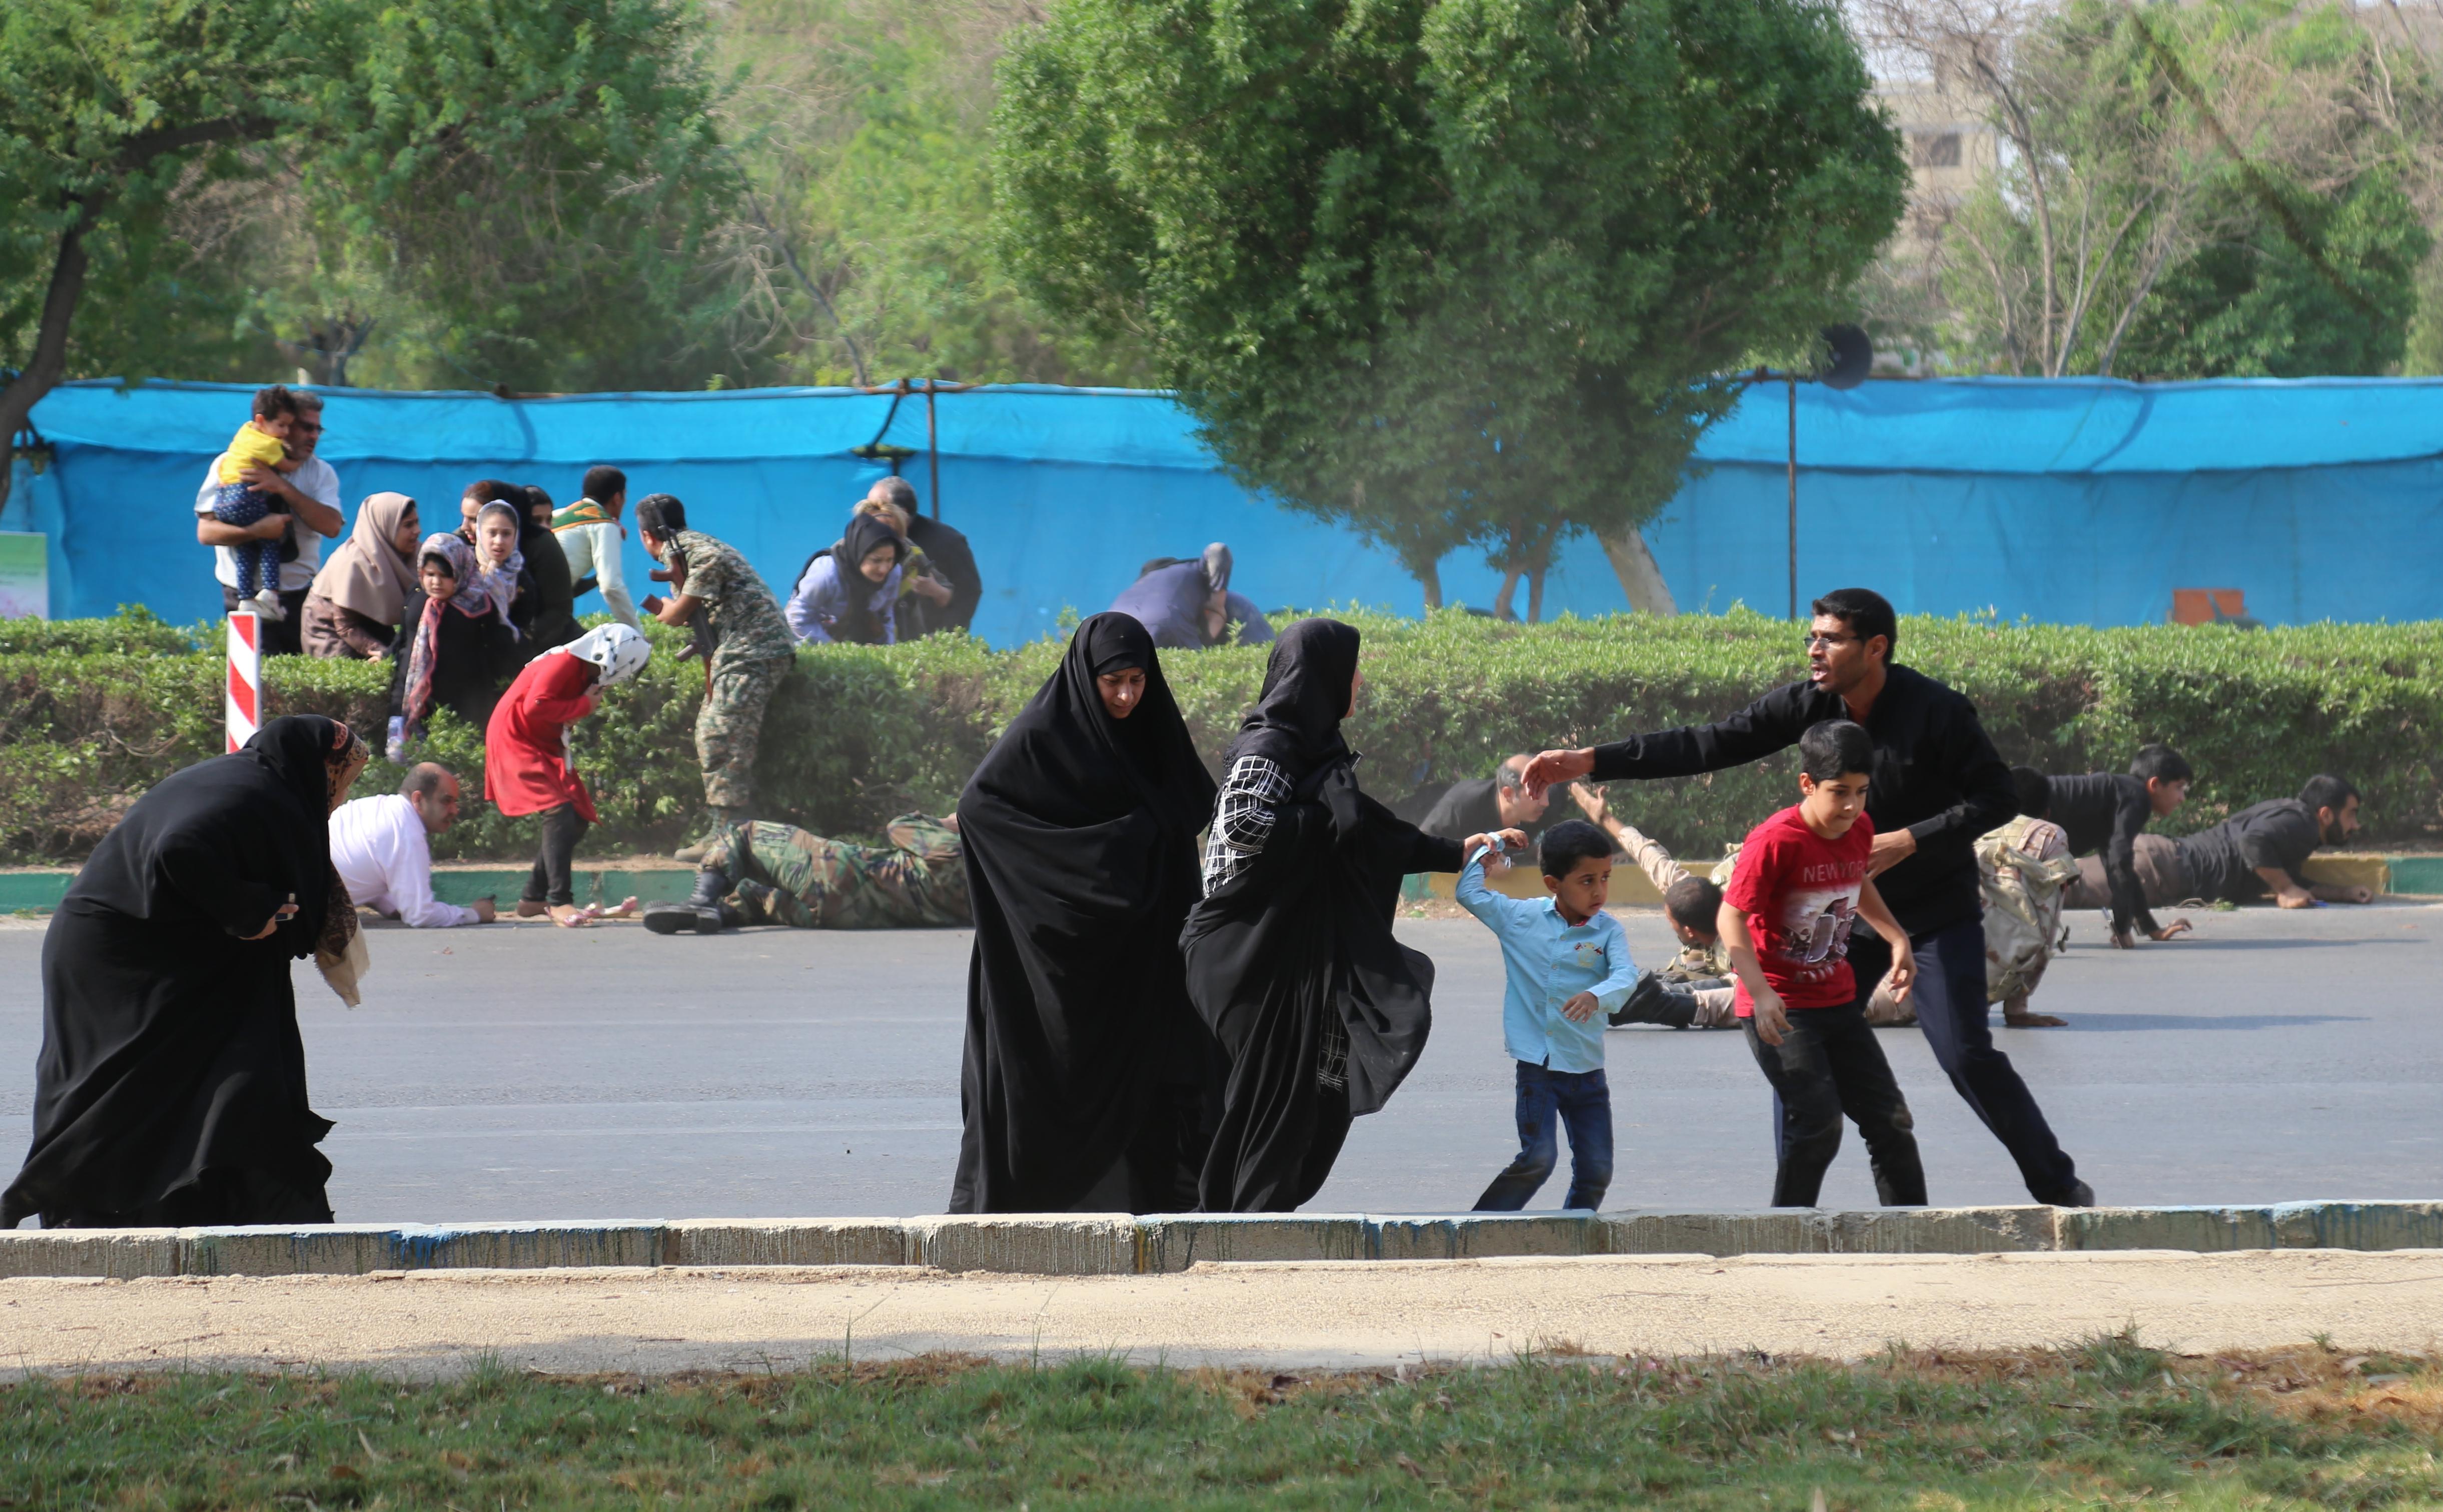 Co spojuje USA s teroristickým útokem v íránském městě Ahvaz?